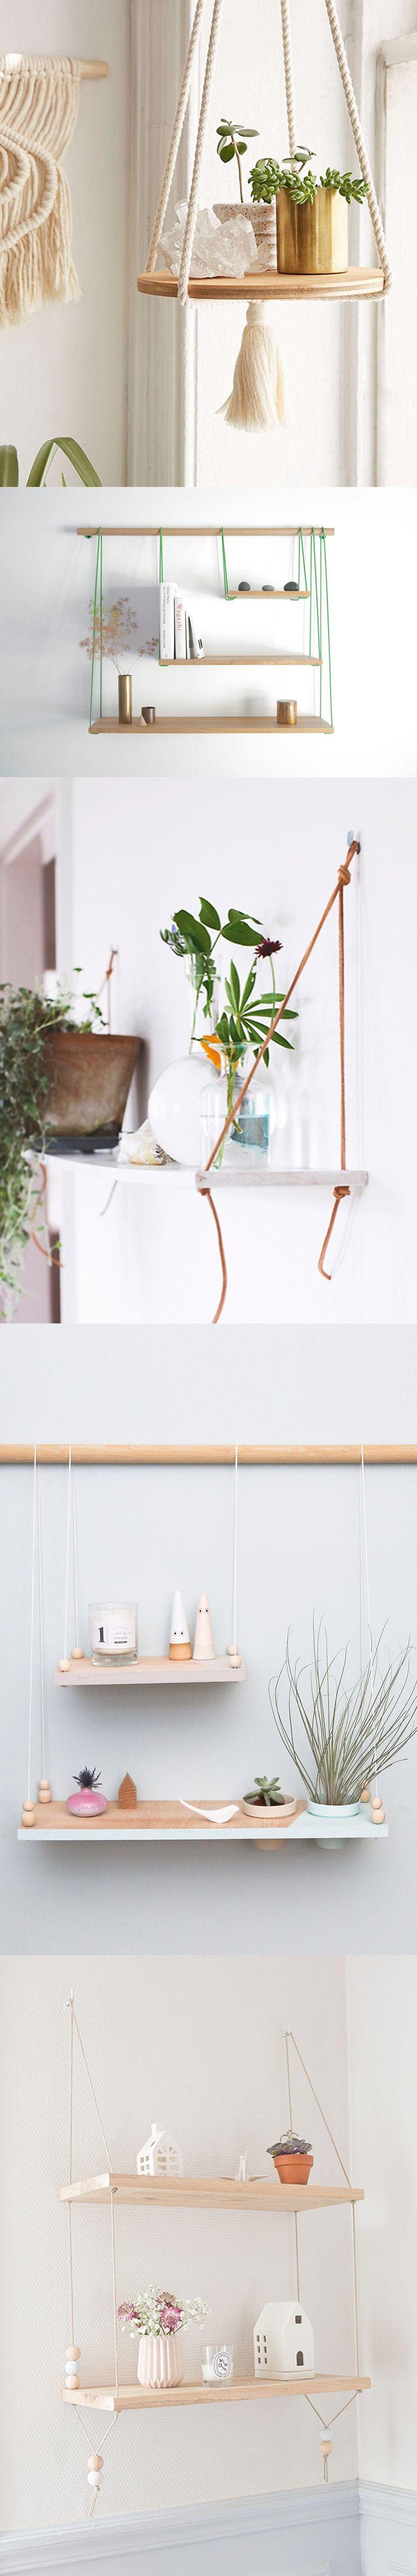 Confira as fotos e as dicas de como fazer Prateleiras com Corda para guardar objetos ou enfeitar a casa, trazendo um ar romântico e moderninho!